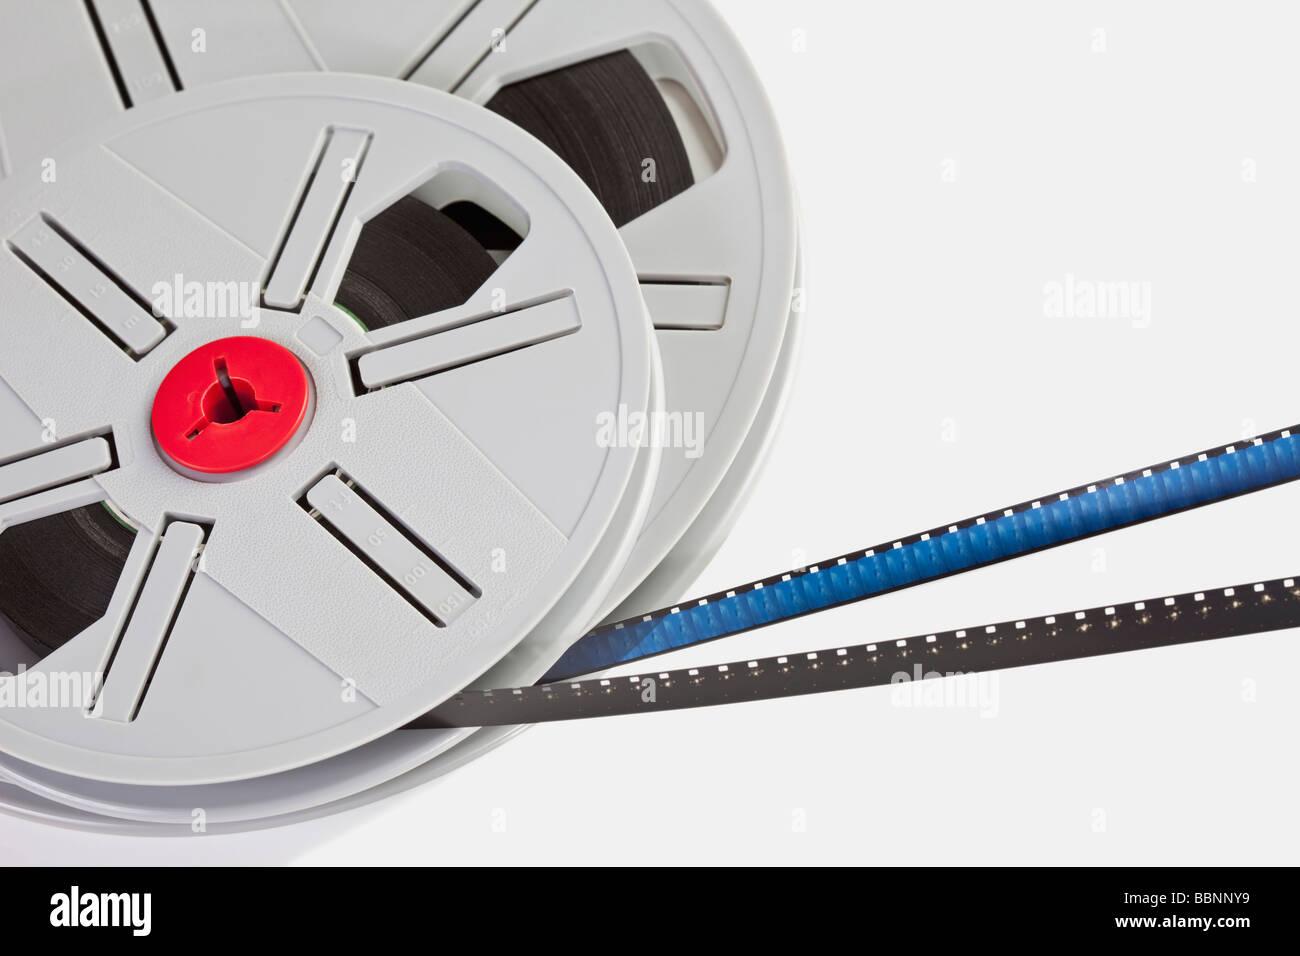 Filmrollen, erhöhten Blick Stockbild